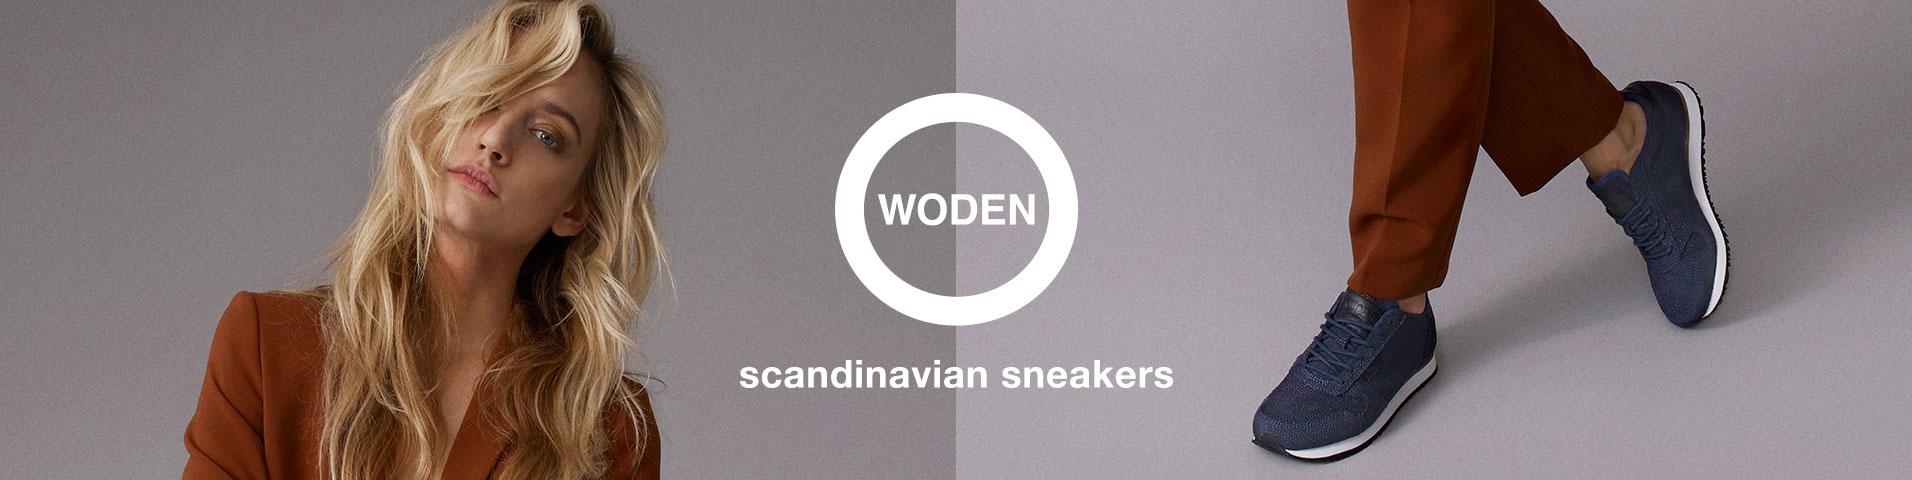 Chaussures Woden   Nouvelle collection sur Zalando 70f2d15ca2c4